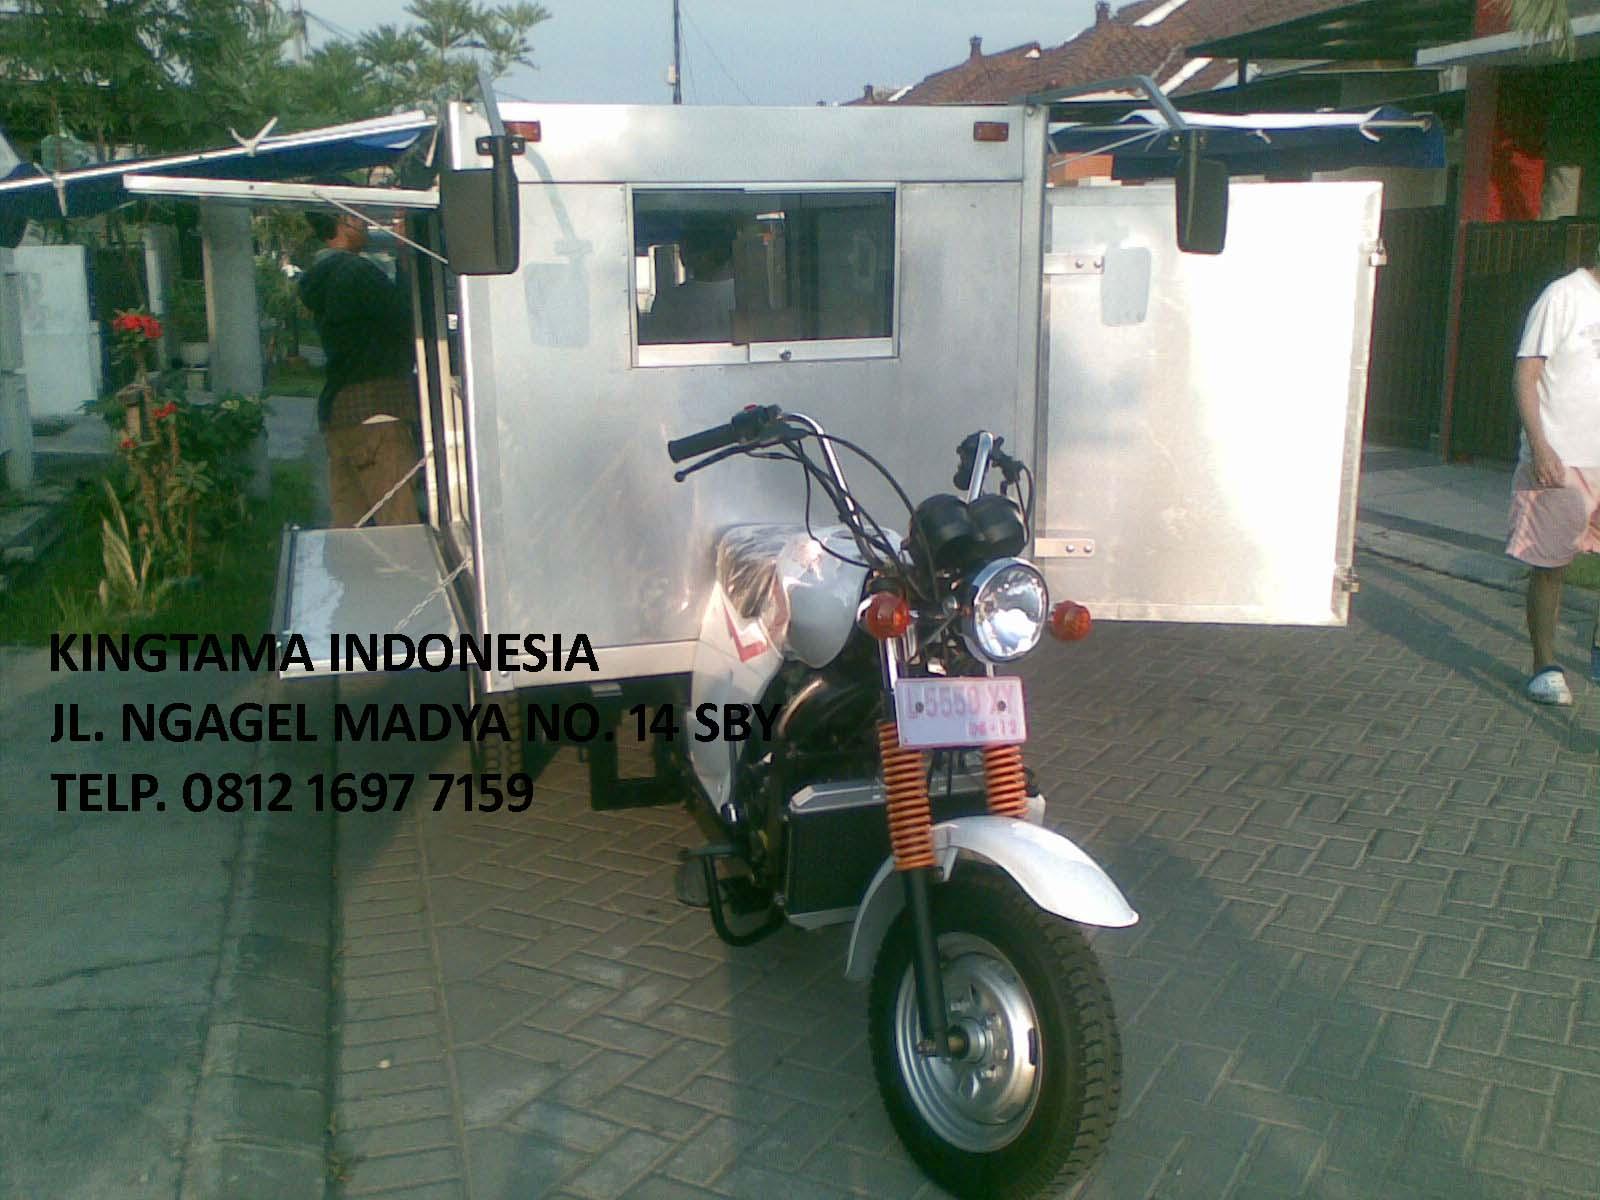 Modifikasi Motor Gerobak Beemotor Kaisar Triseda Rx 250 Cc Long Box Roda 3 Untuk Usaha Anda